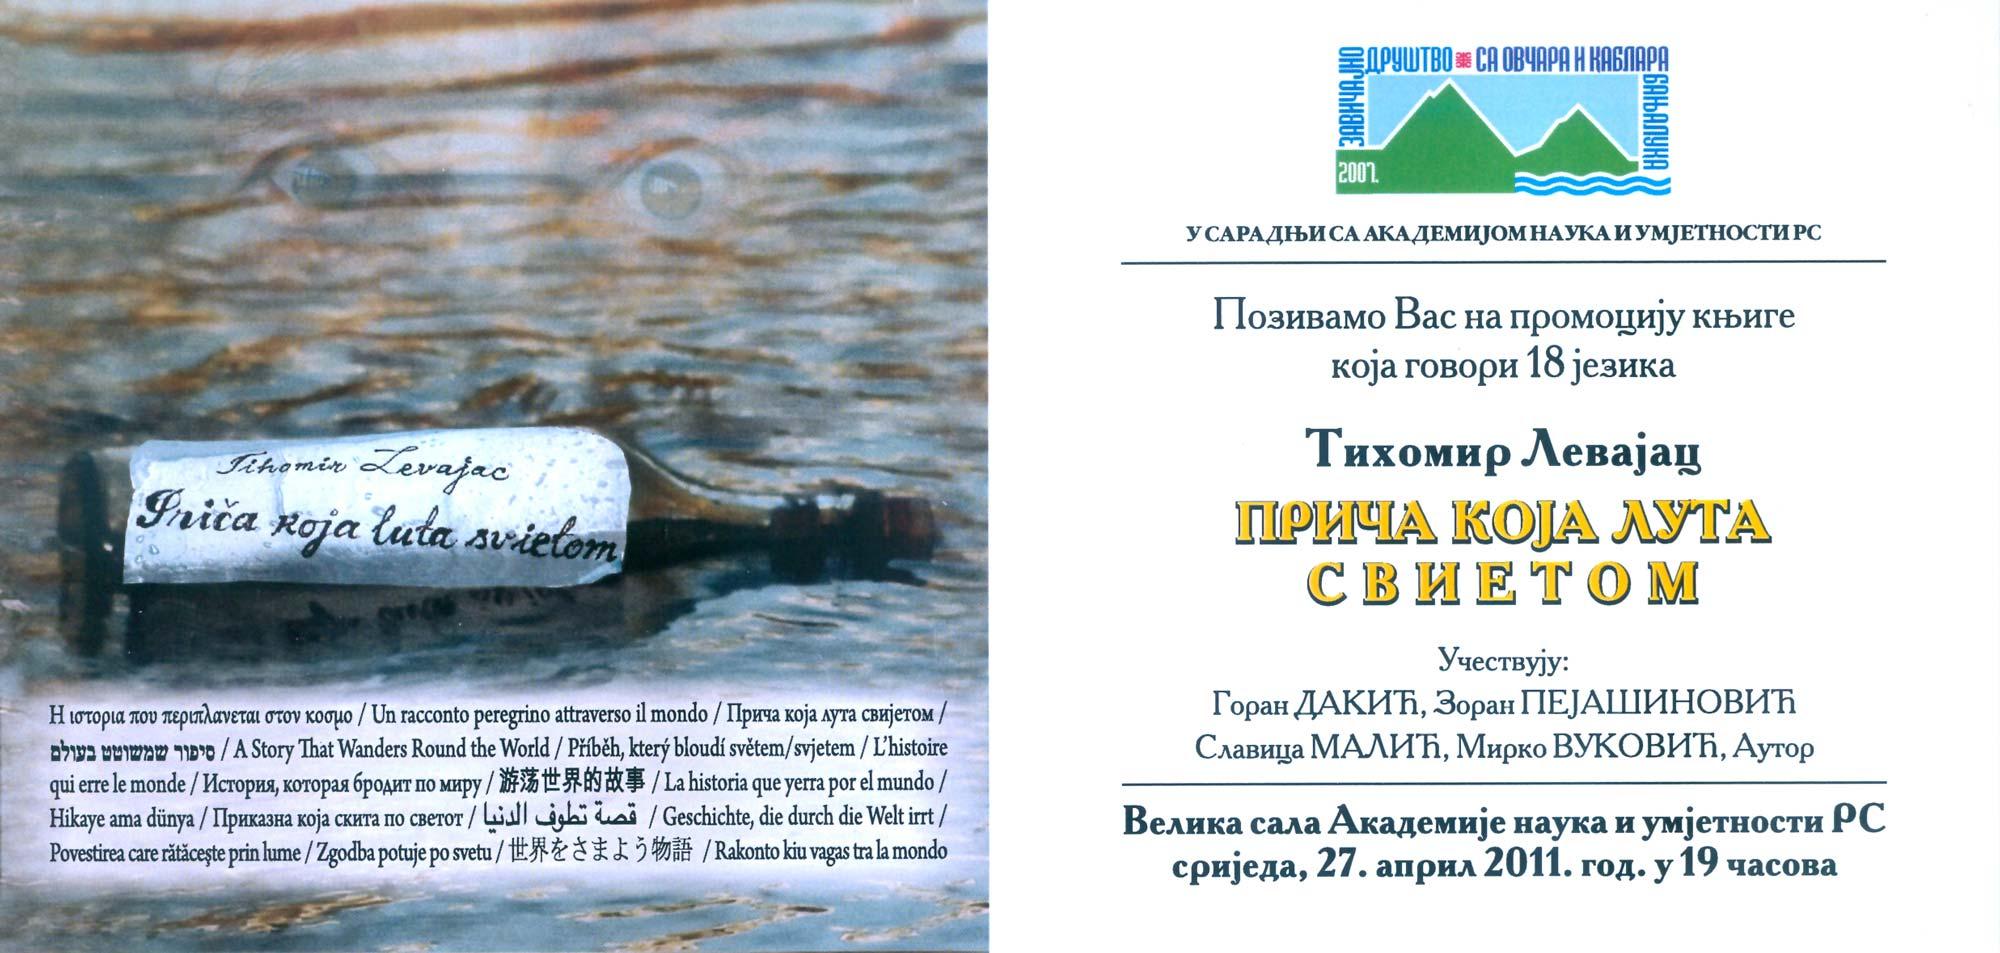 Promocija knjige - Tihomir Levajac: PRIČA KOJA LUTA SVIETOM